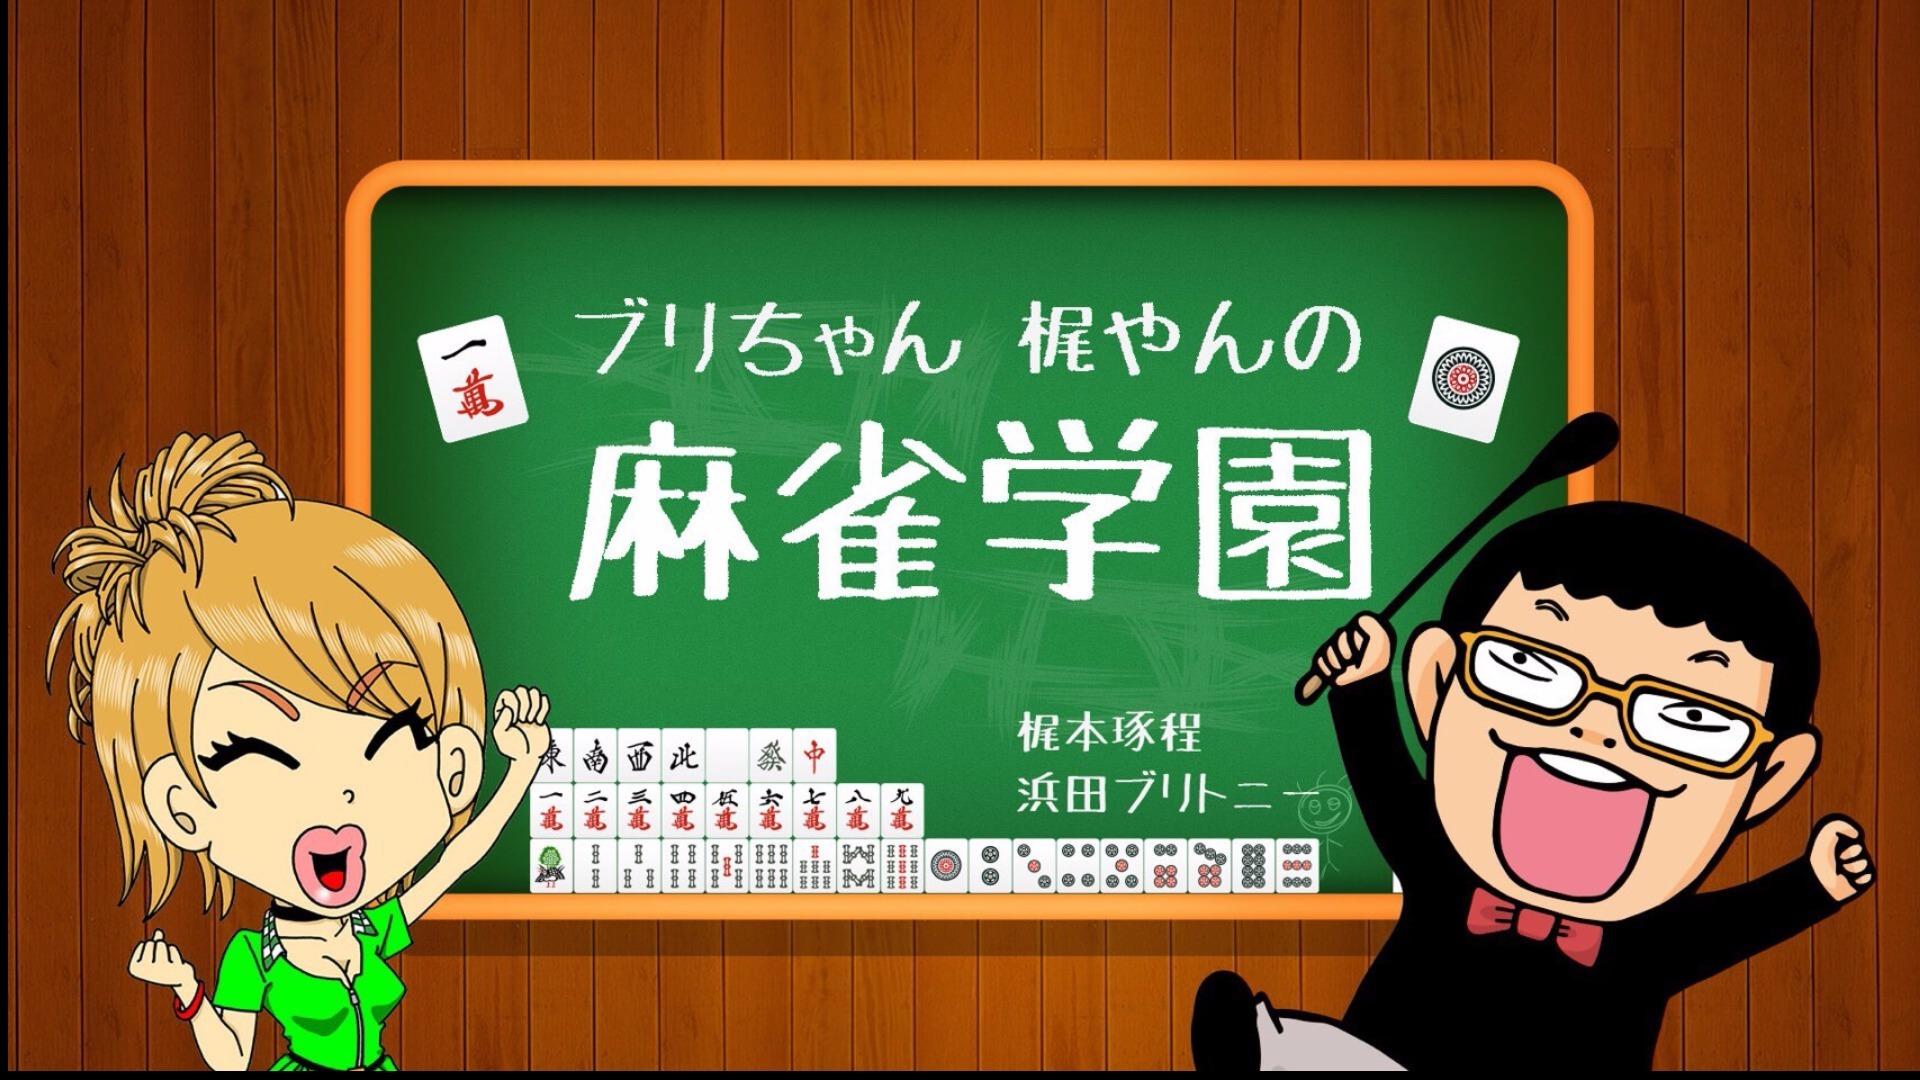 浜田ブリトニー&梶本琢程 - ブリちゃん梶やんの麻雀学園 - DMM オンラインサロン